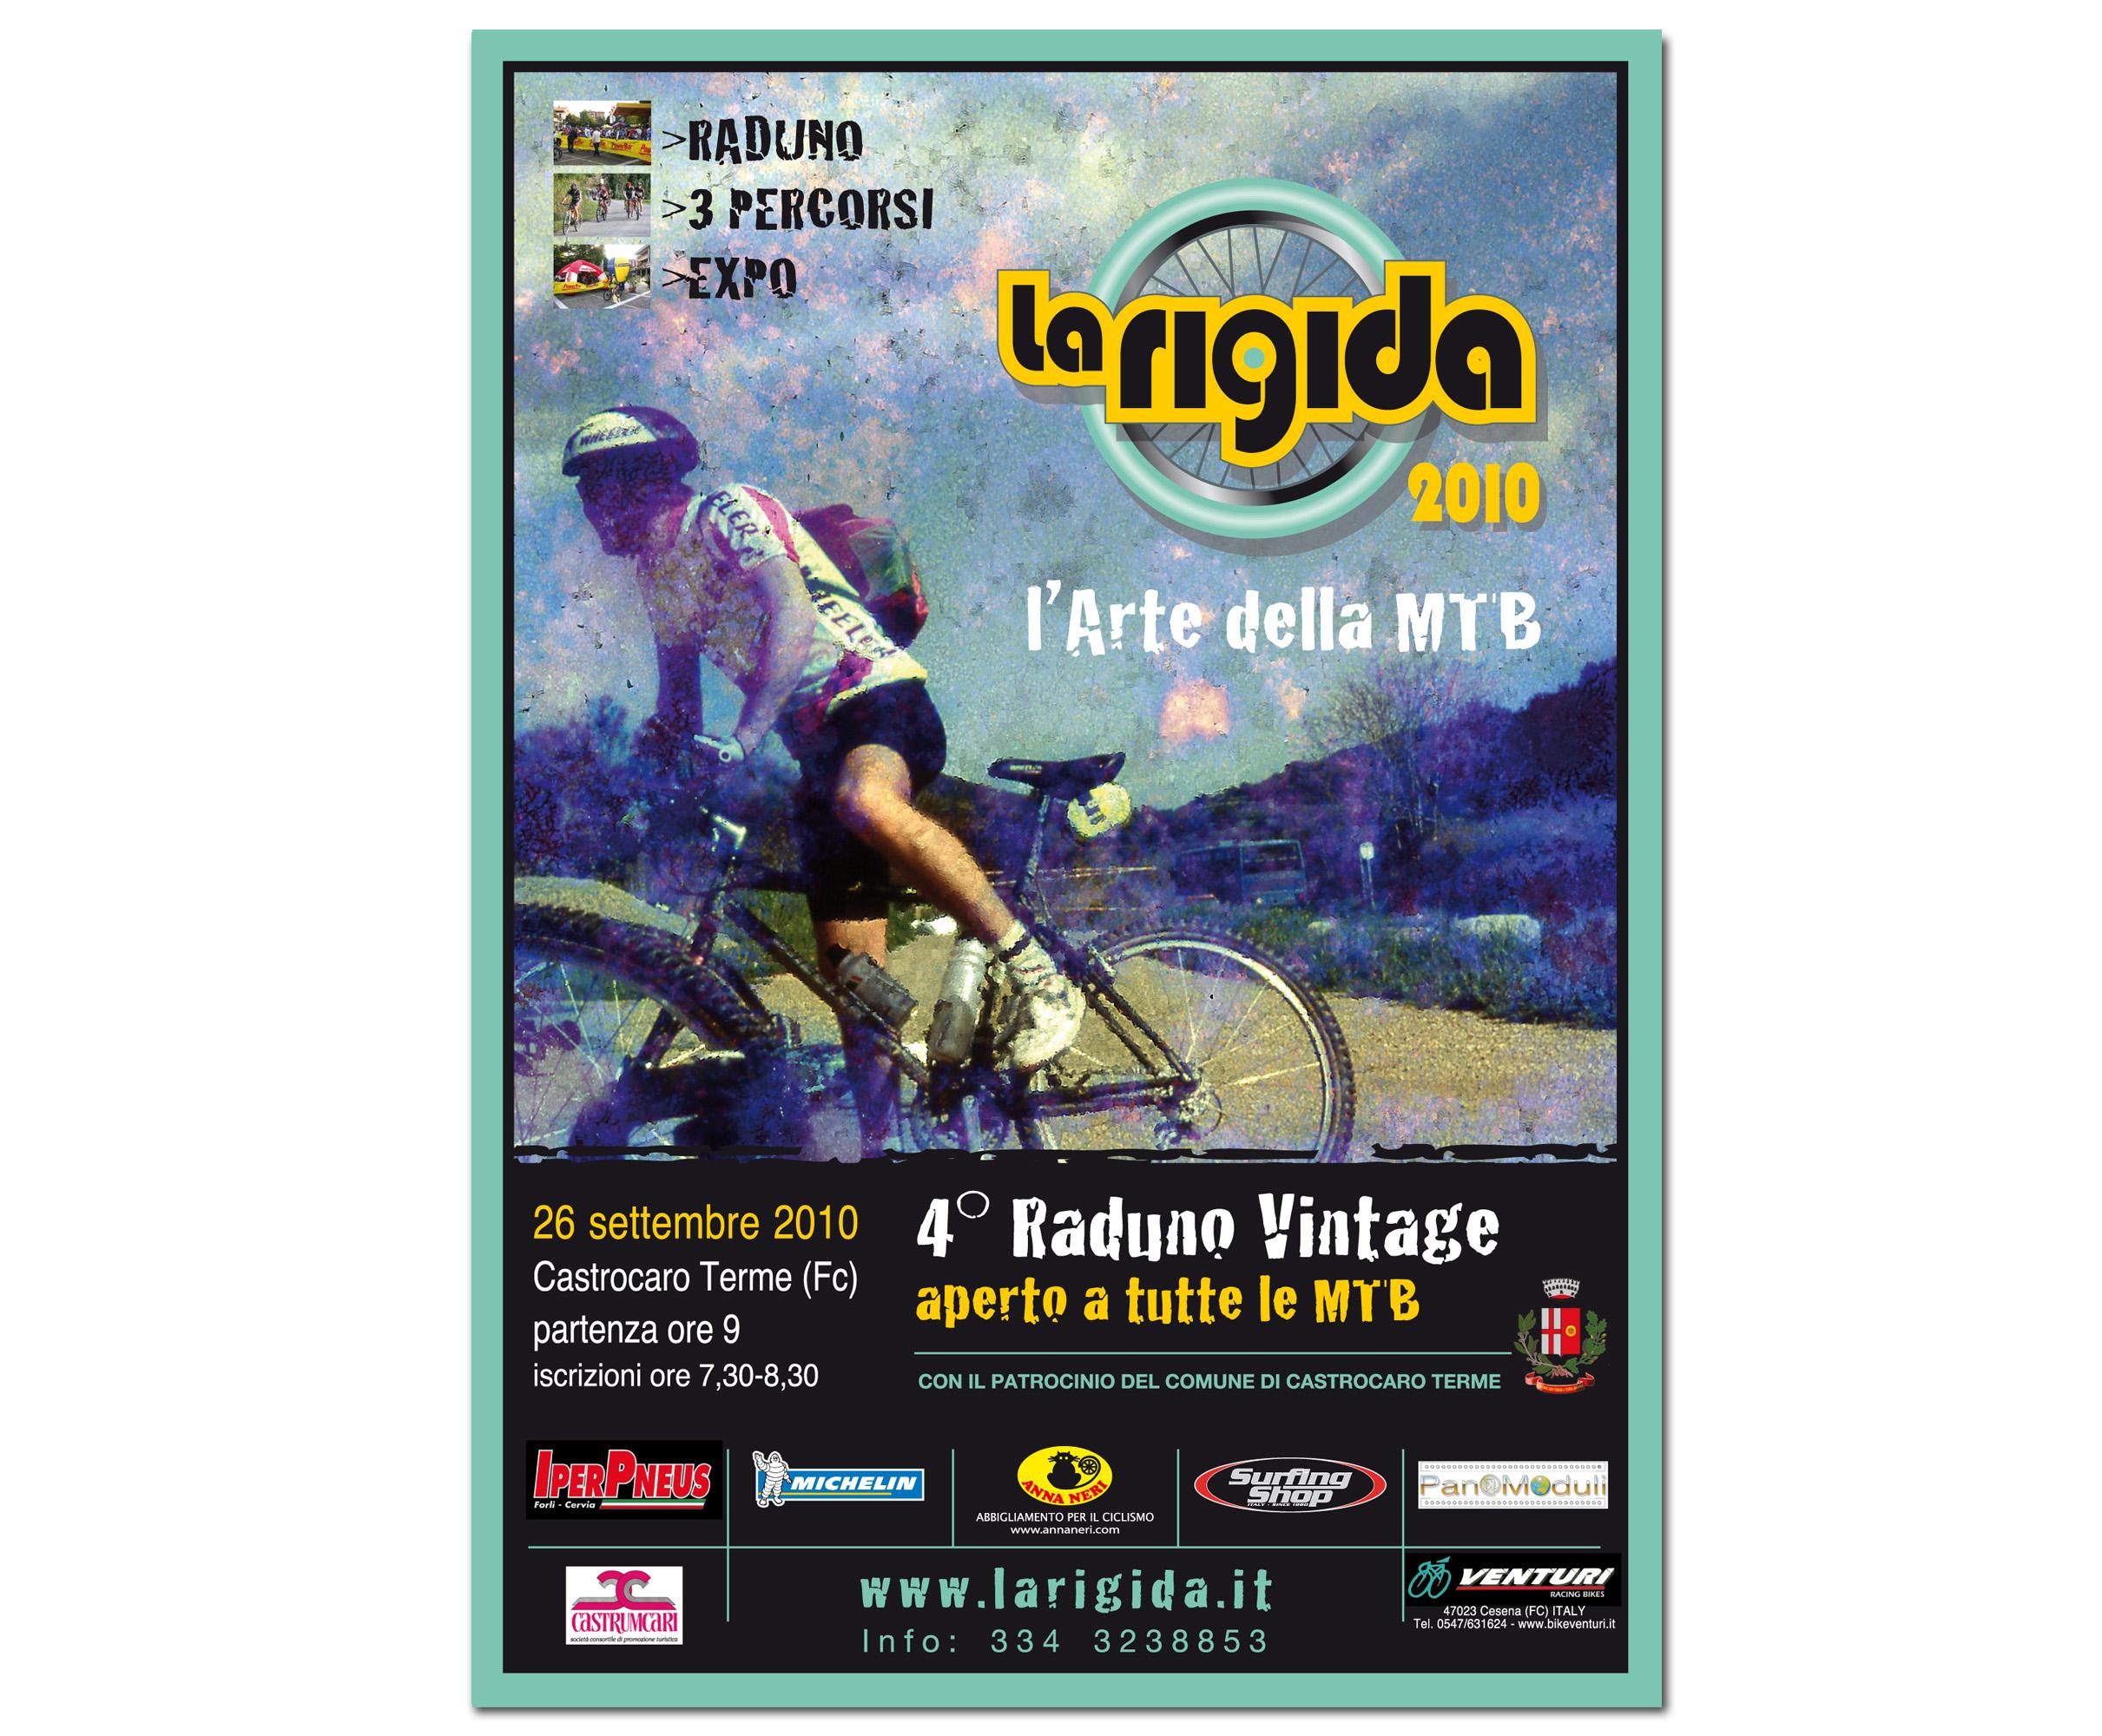 rigida10